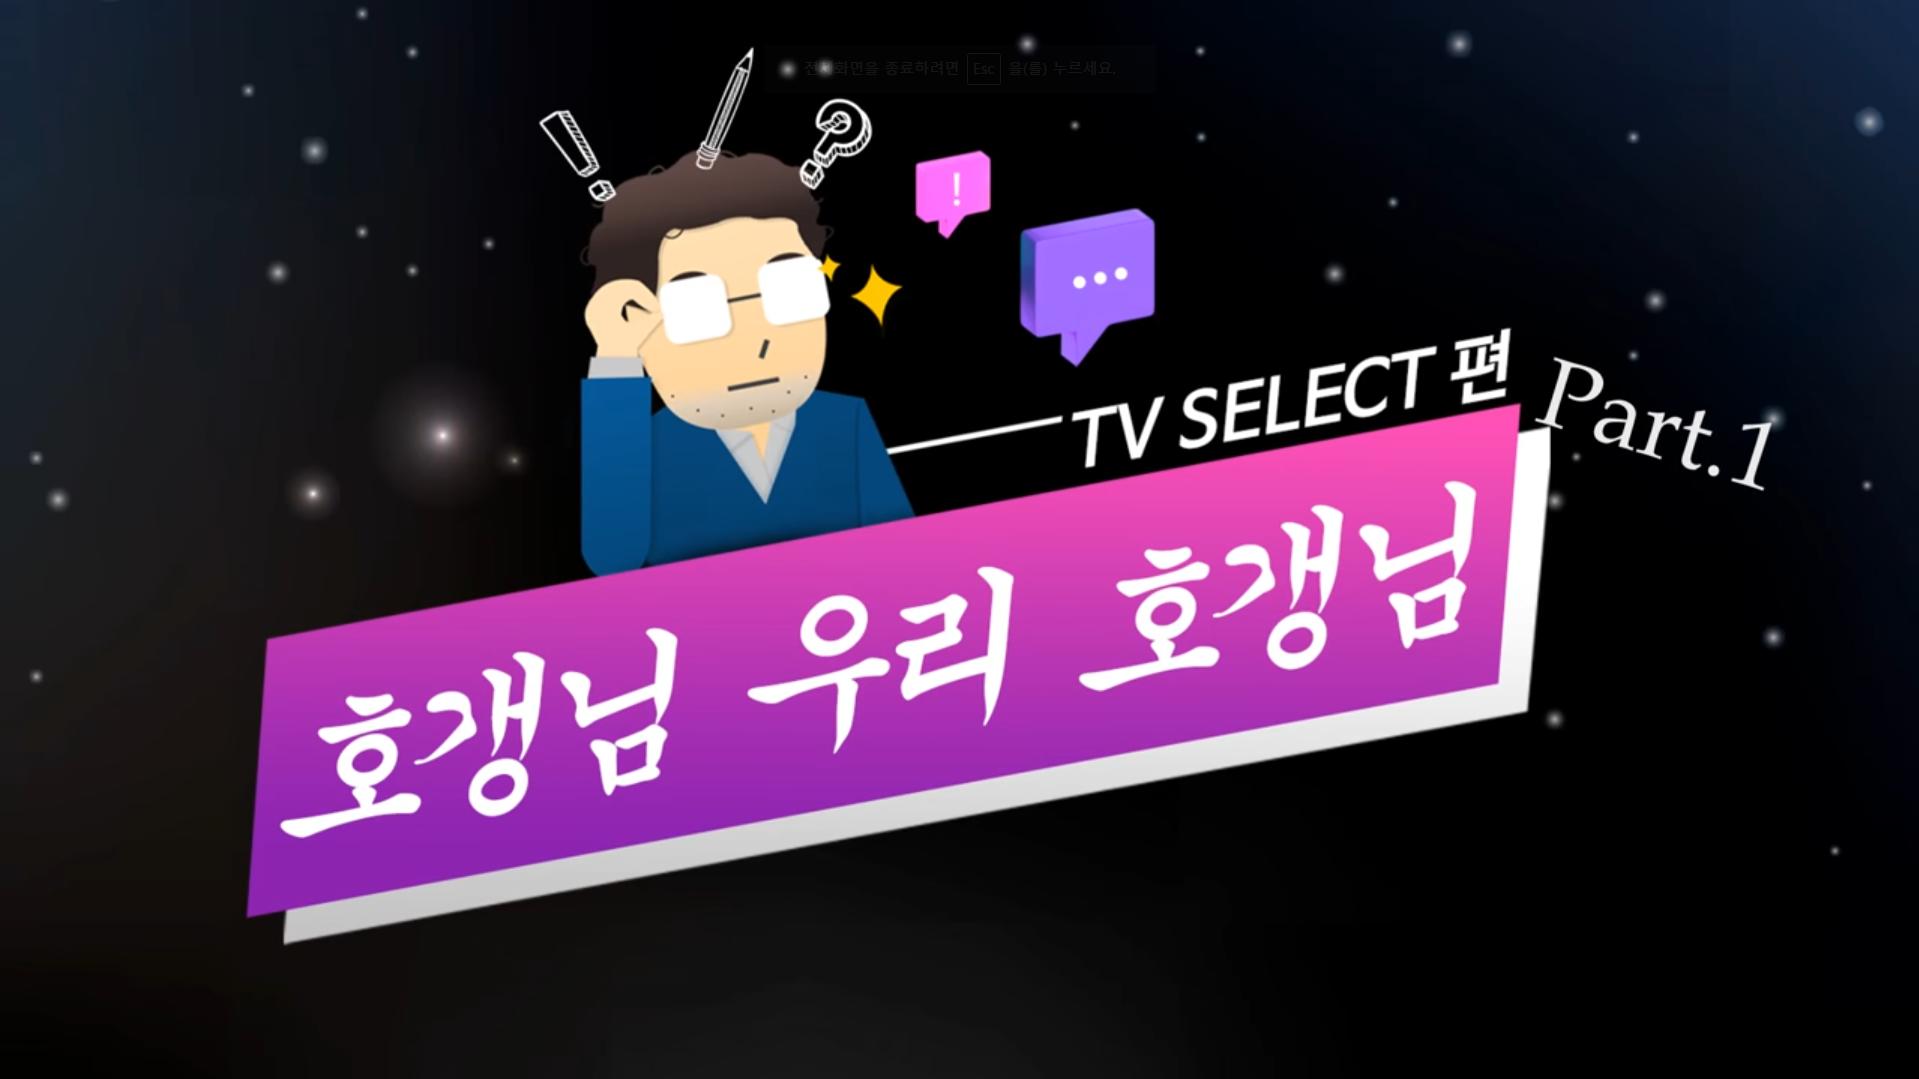 호갱님우리호갱님_TV Select 가이드 1편